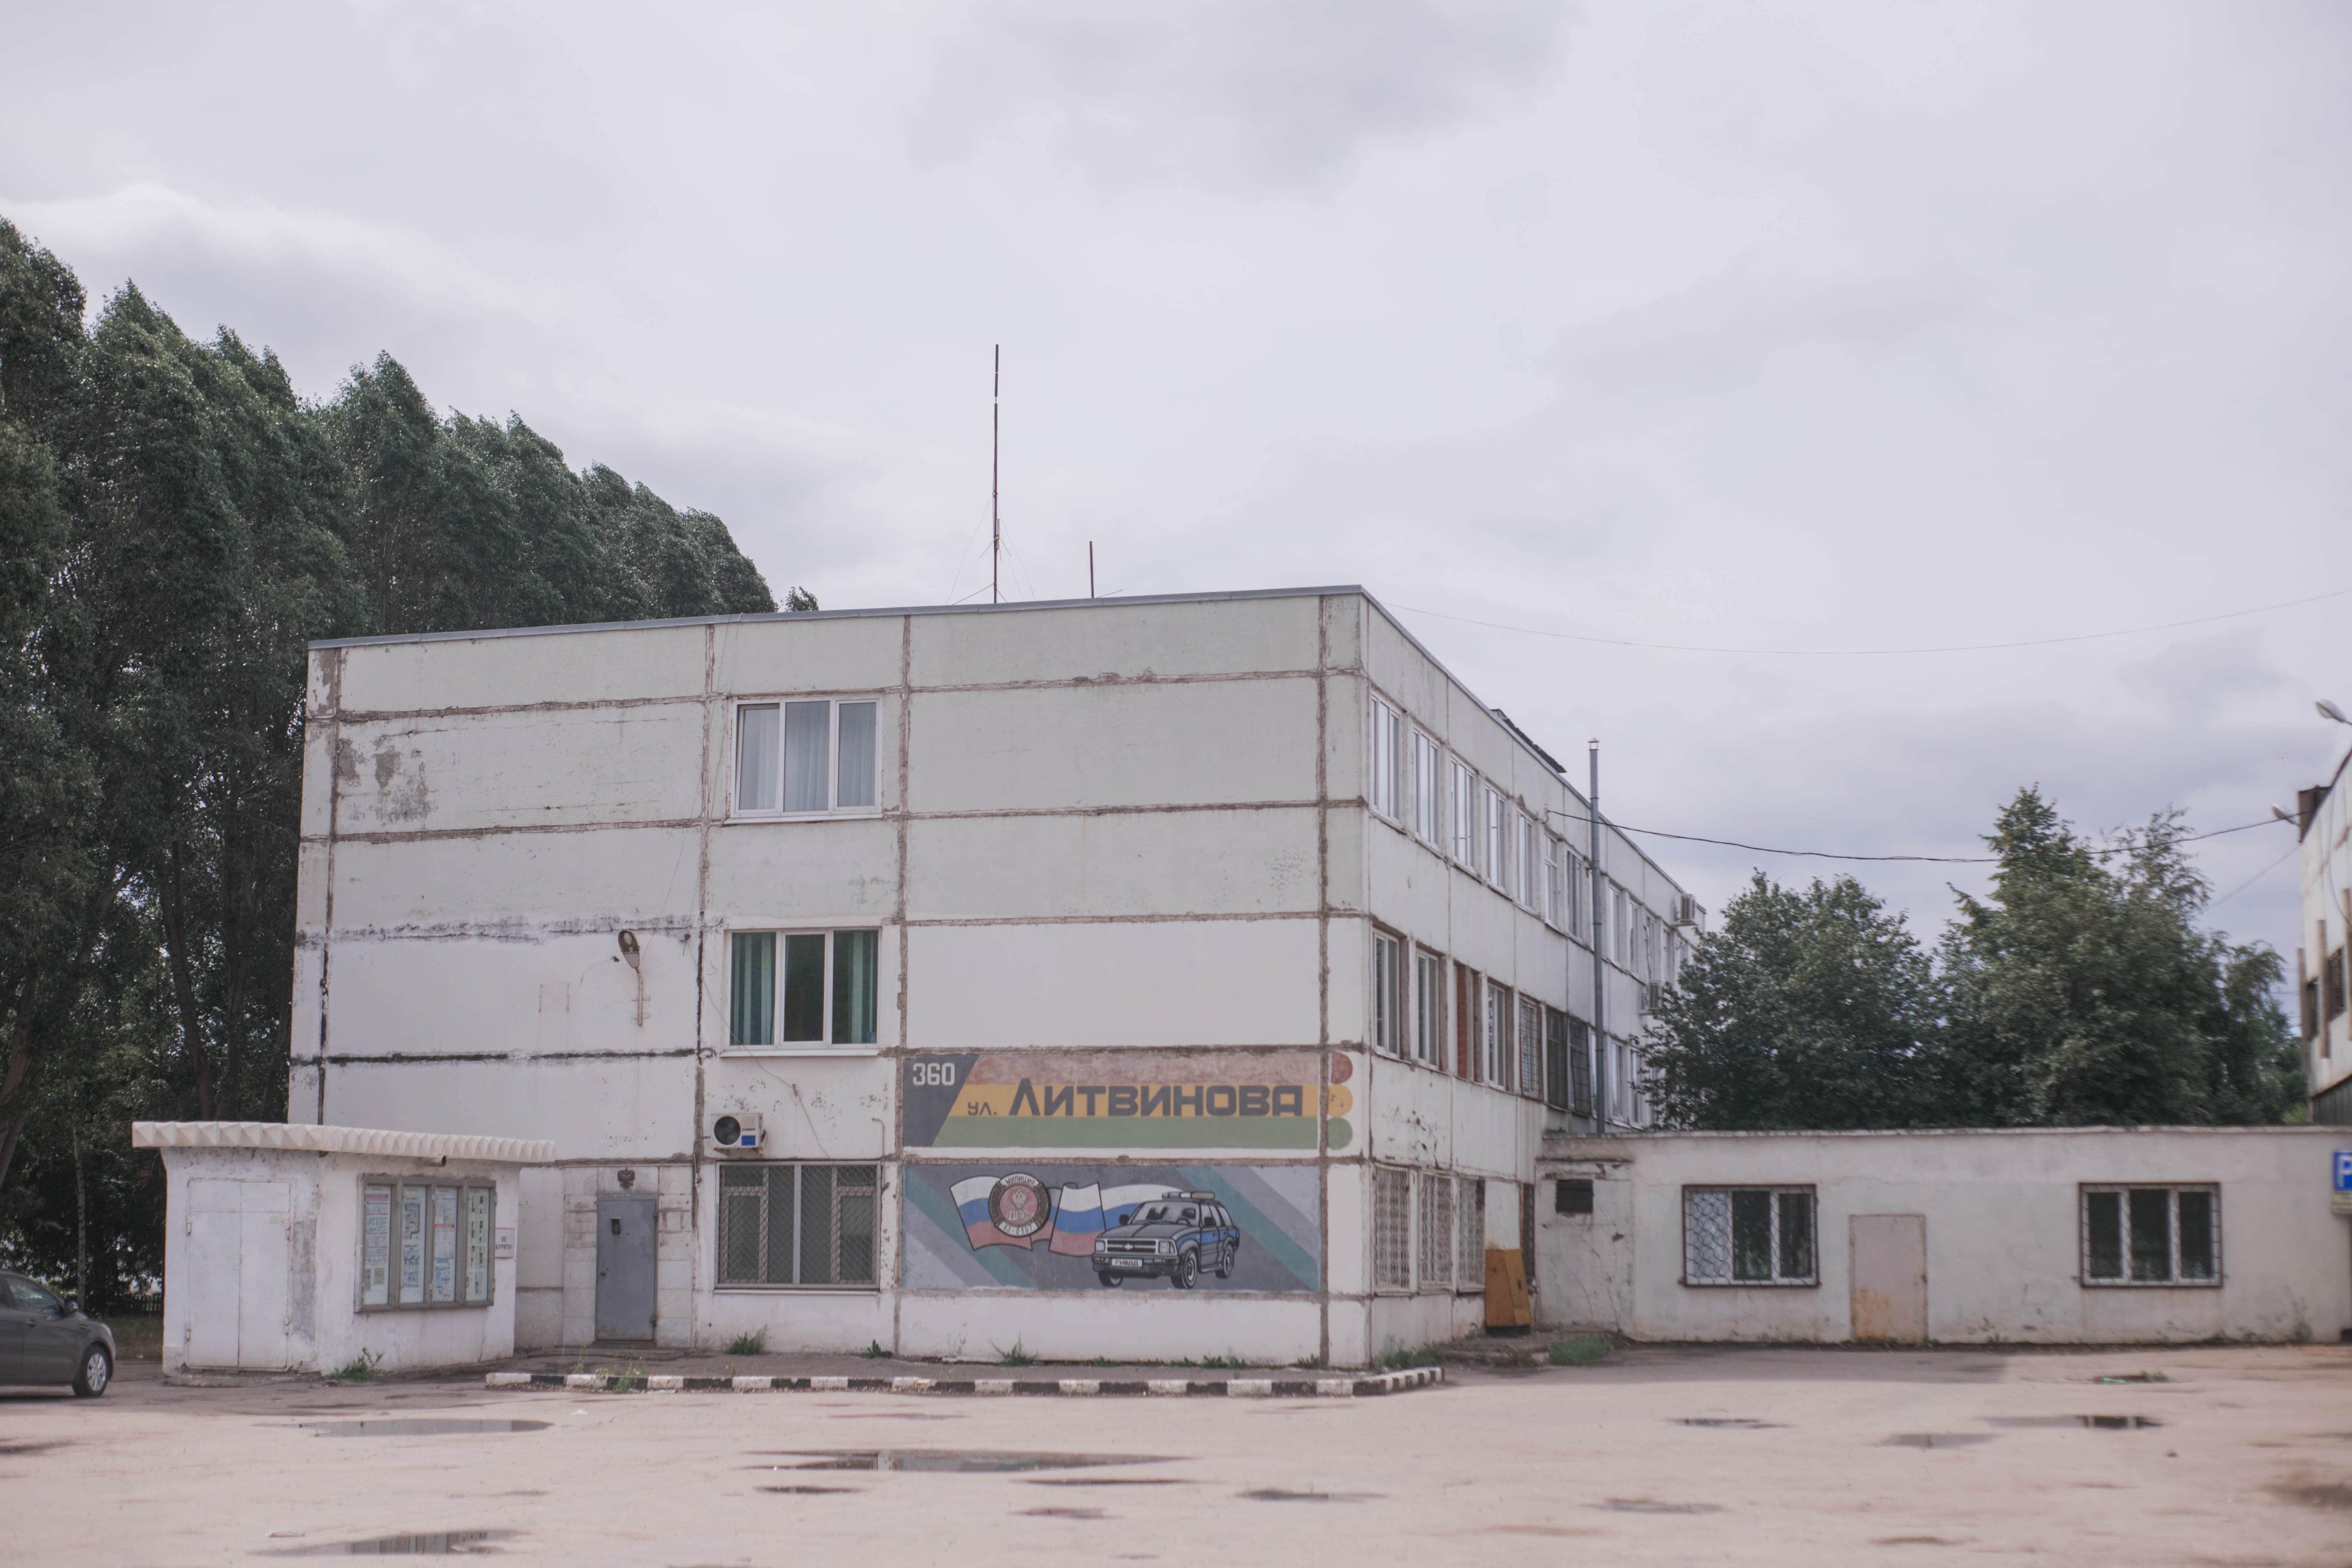 ГИБДД на Литвинова